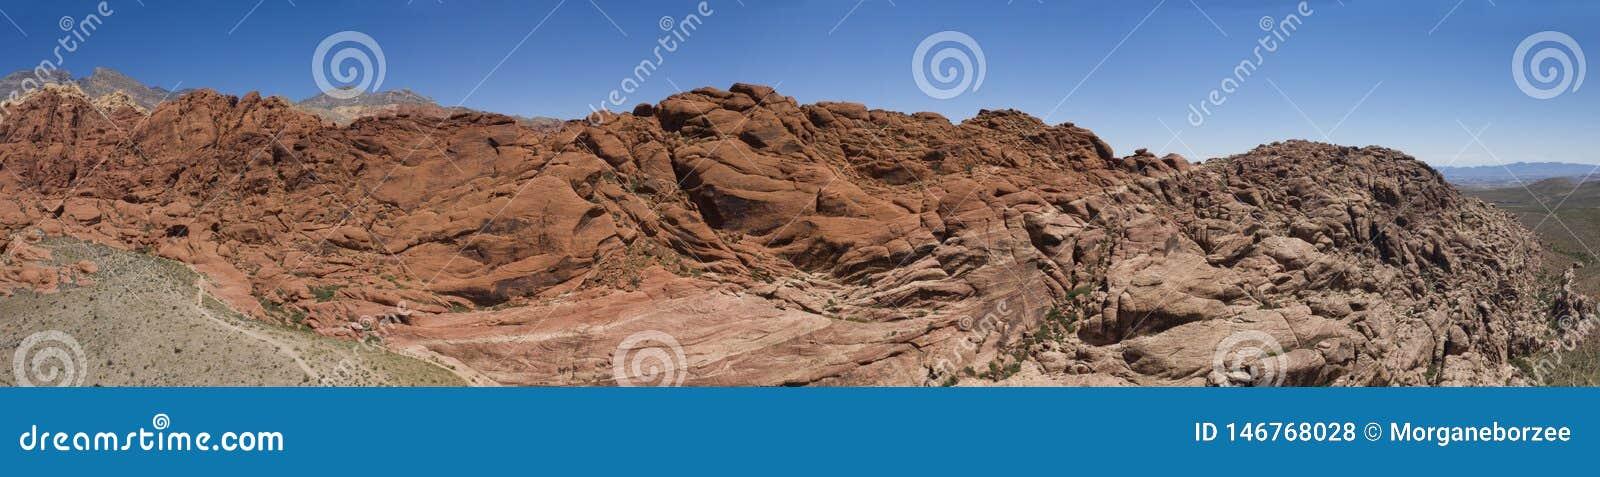 Panoramische szenische von der Luftansicht von Felsformationen an der roten Rock-Schlucht